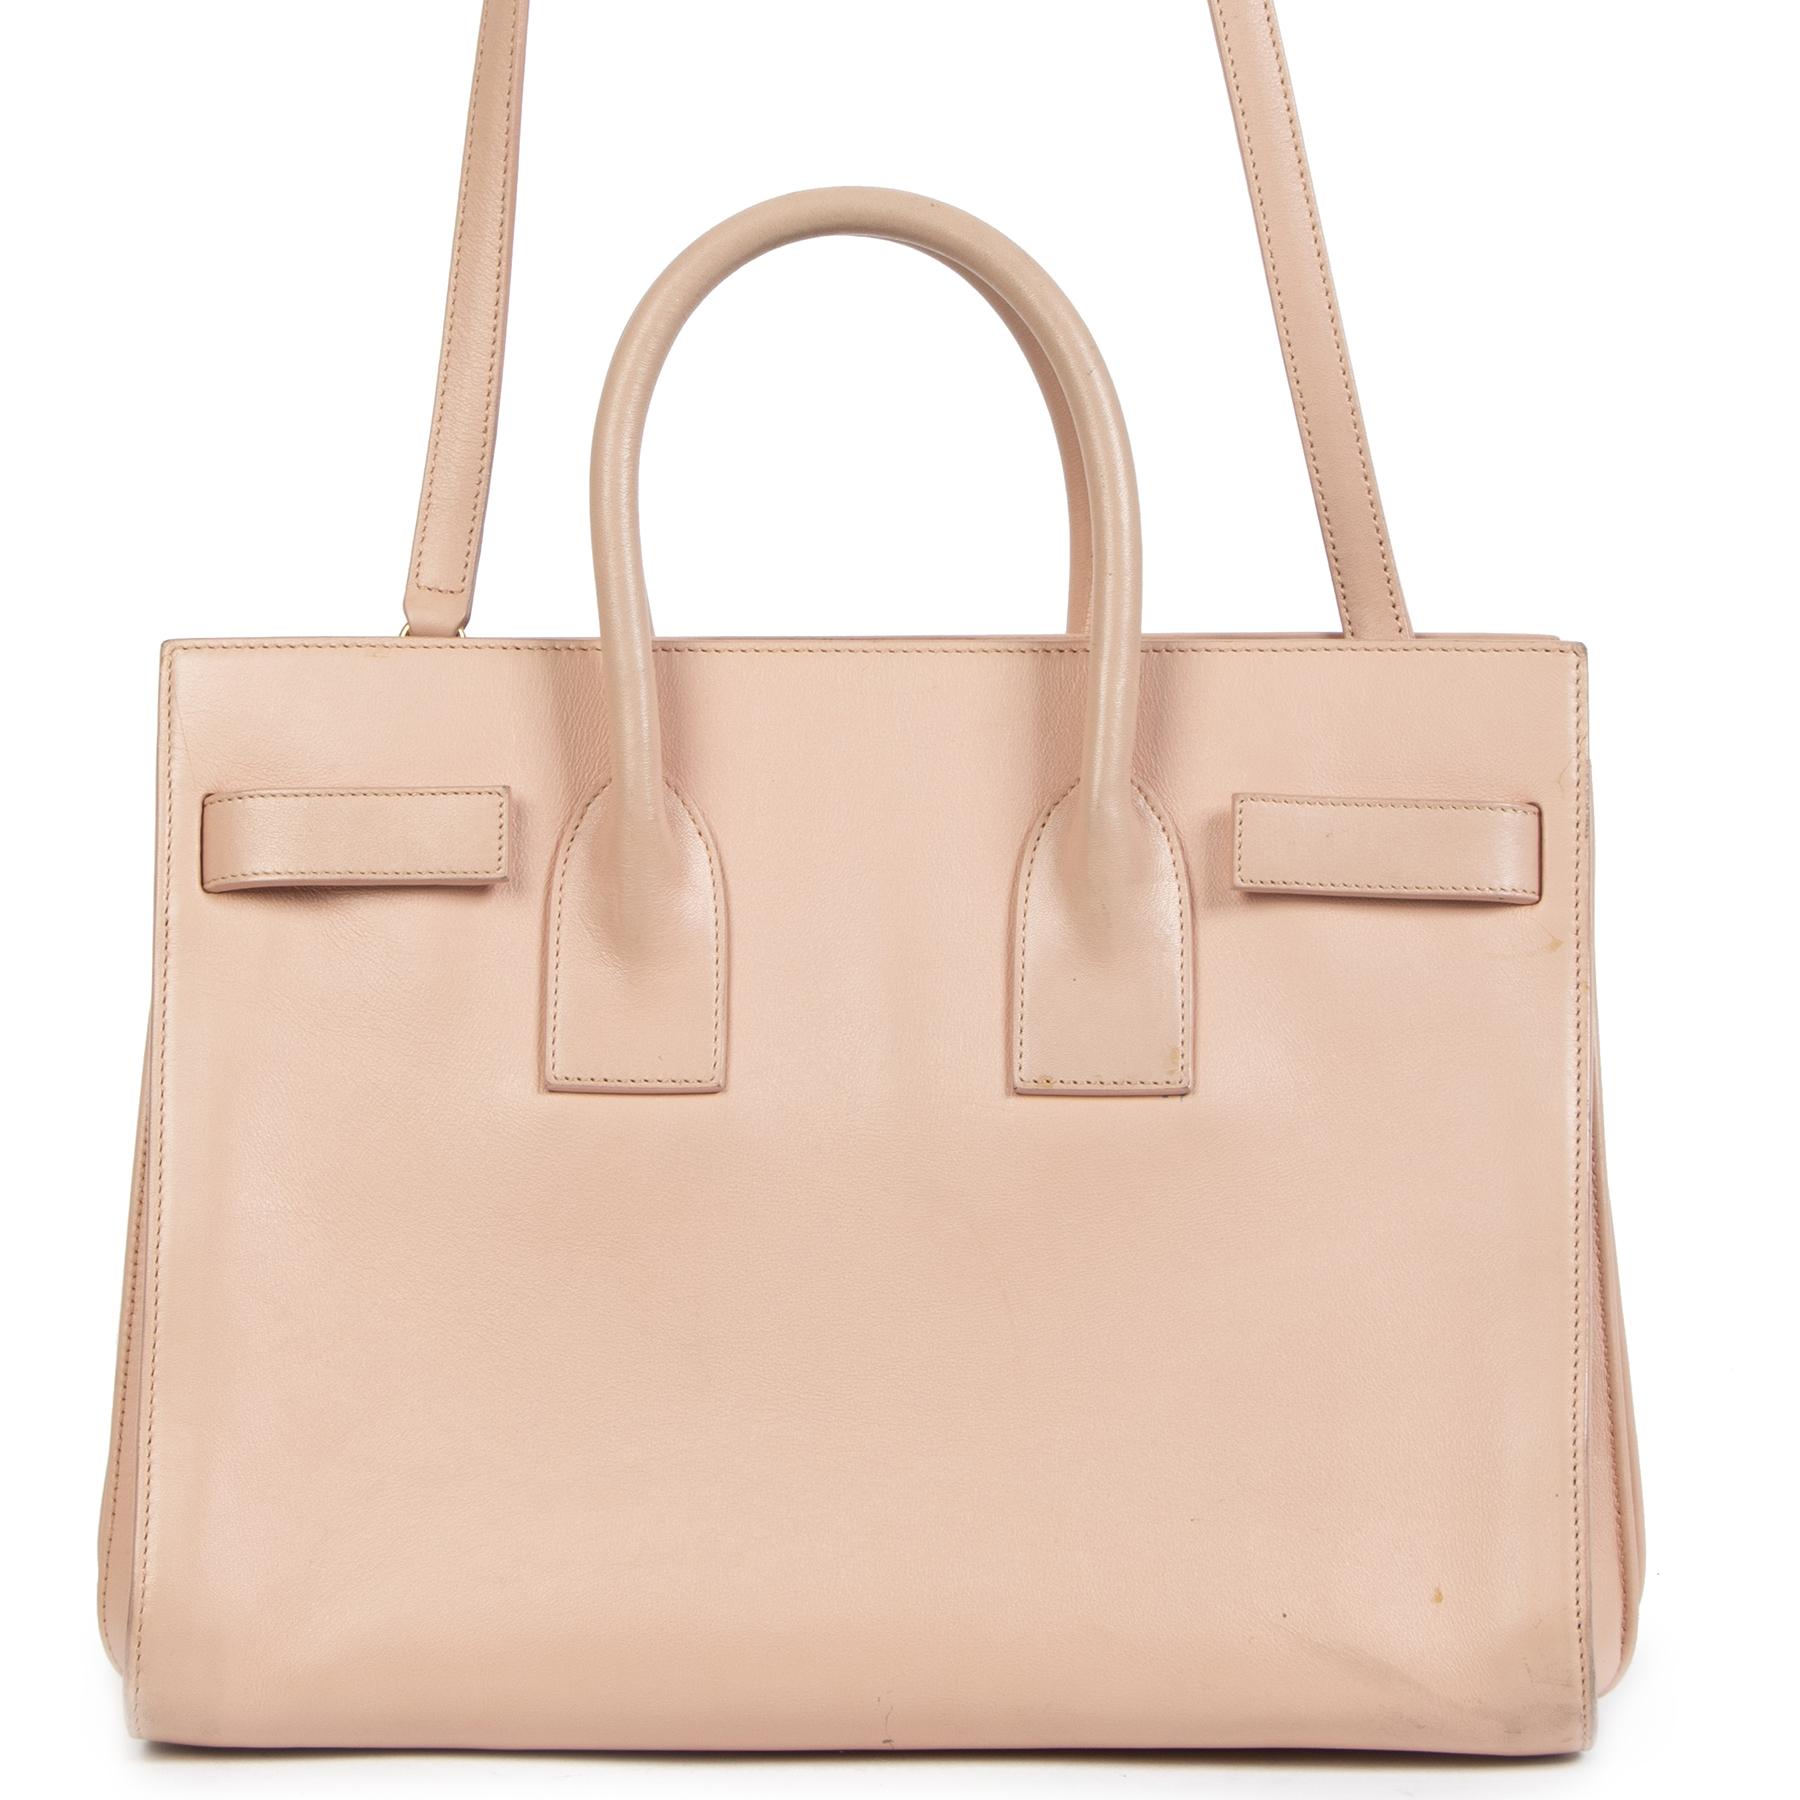 Authentieke Tweedehands Yves Saint Laurent Pale Blush Small Sac Du Jour Leather Bag juiste prijs veilig online shoppen luxe merken webshop winkelen Antwerpen België mode fashion